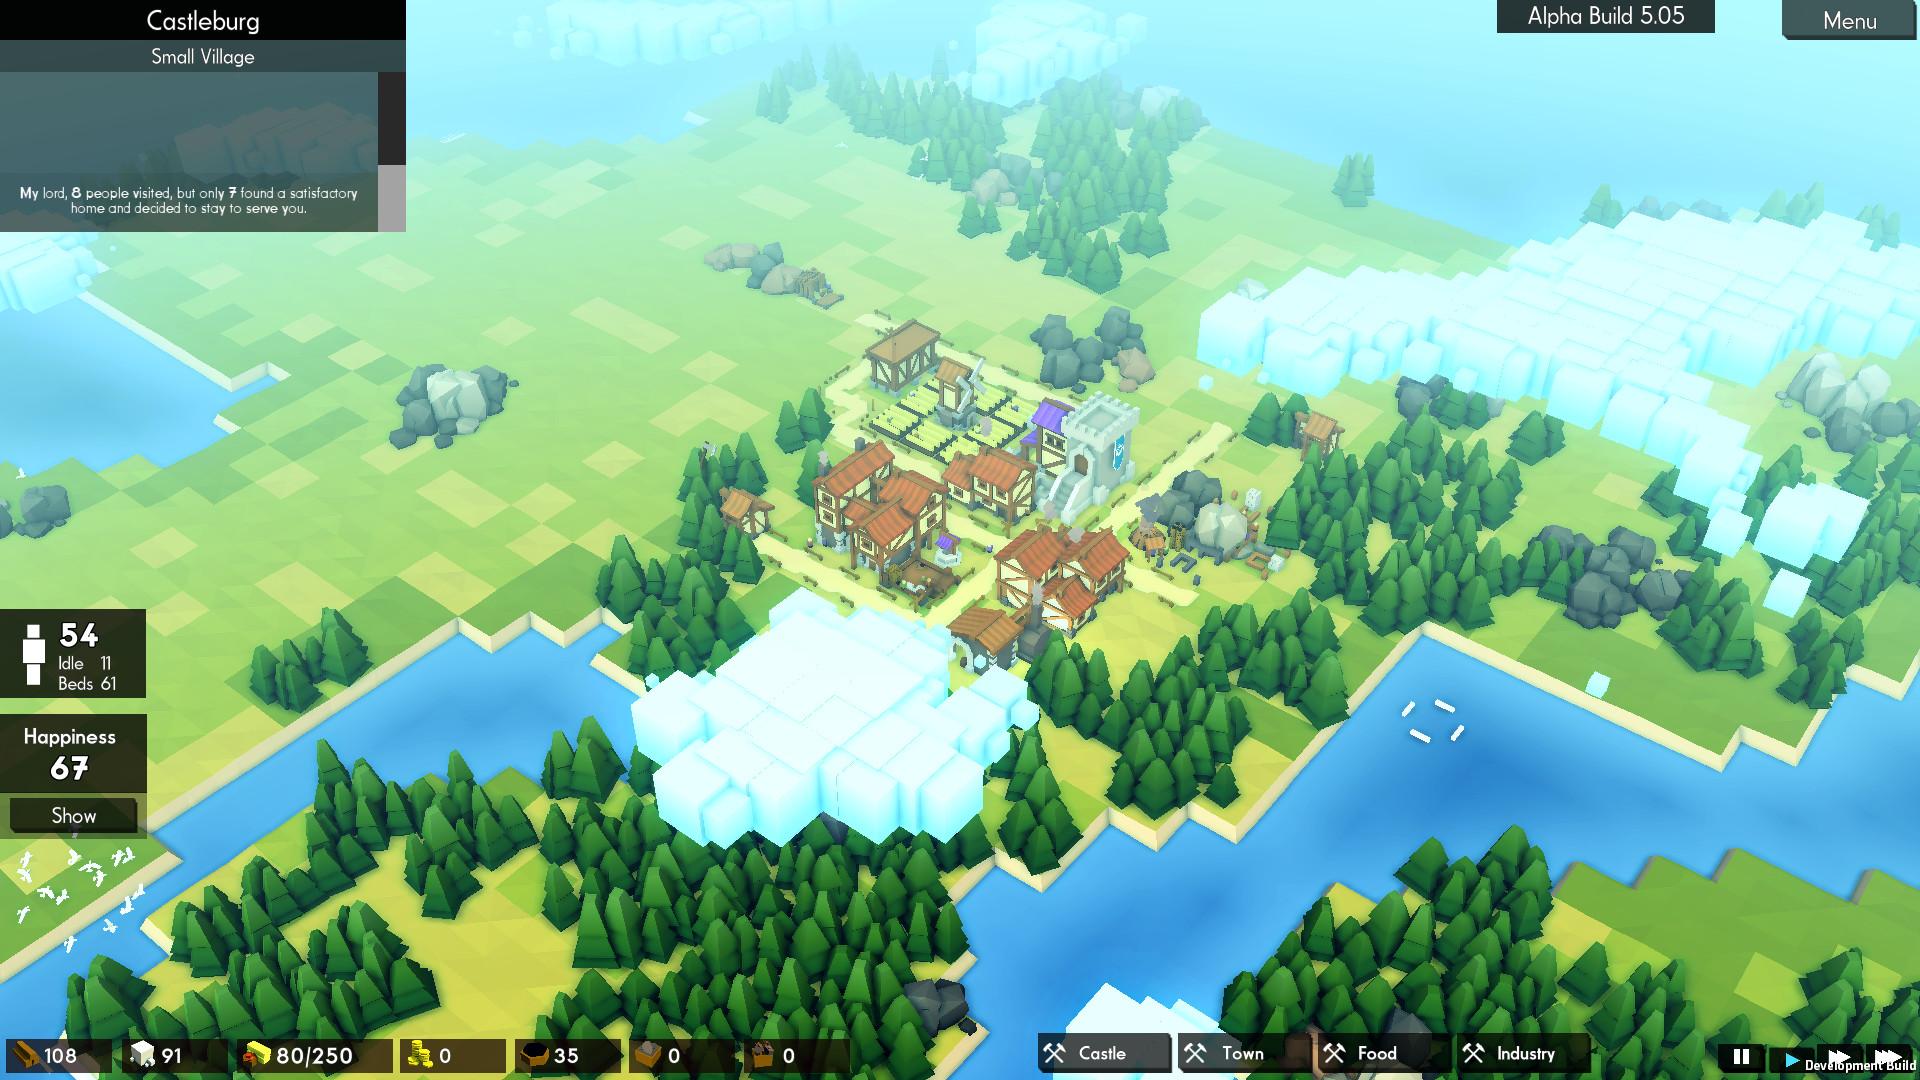 V Kingdoms and Castles budete moci budovat království od 18. července 147264